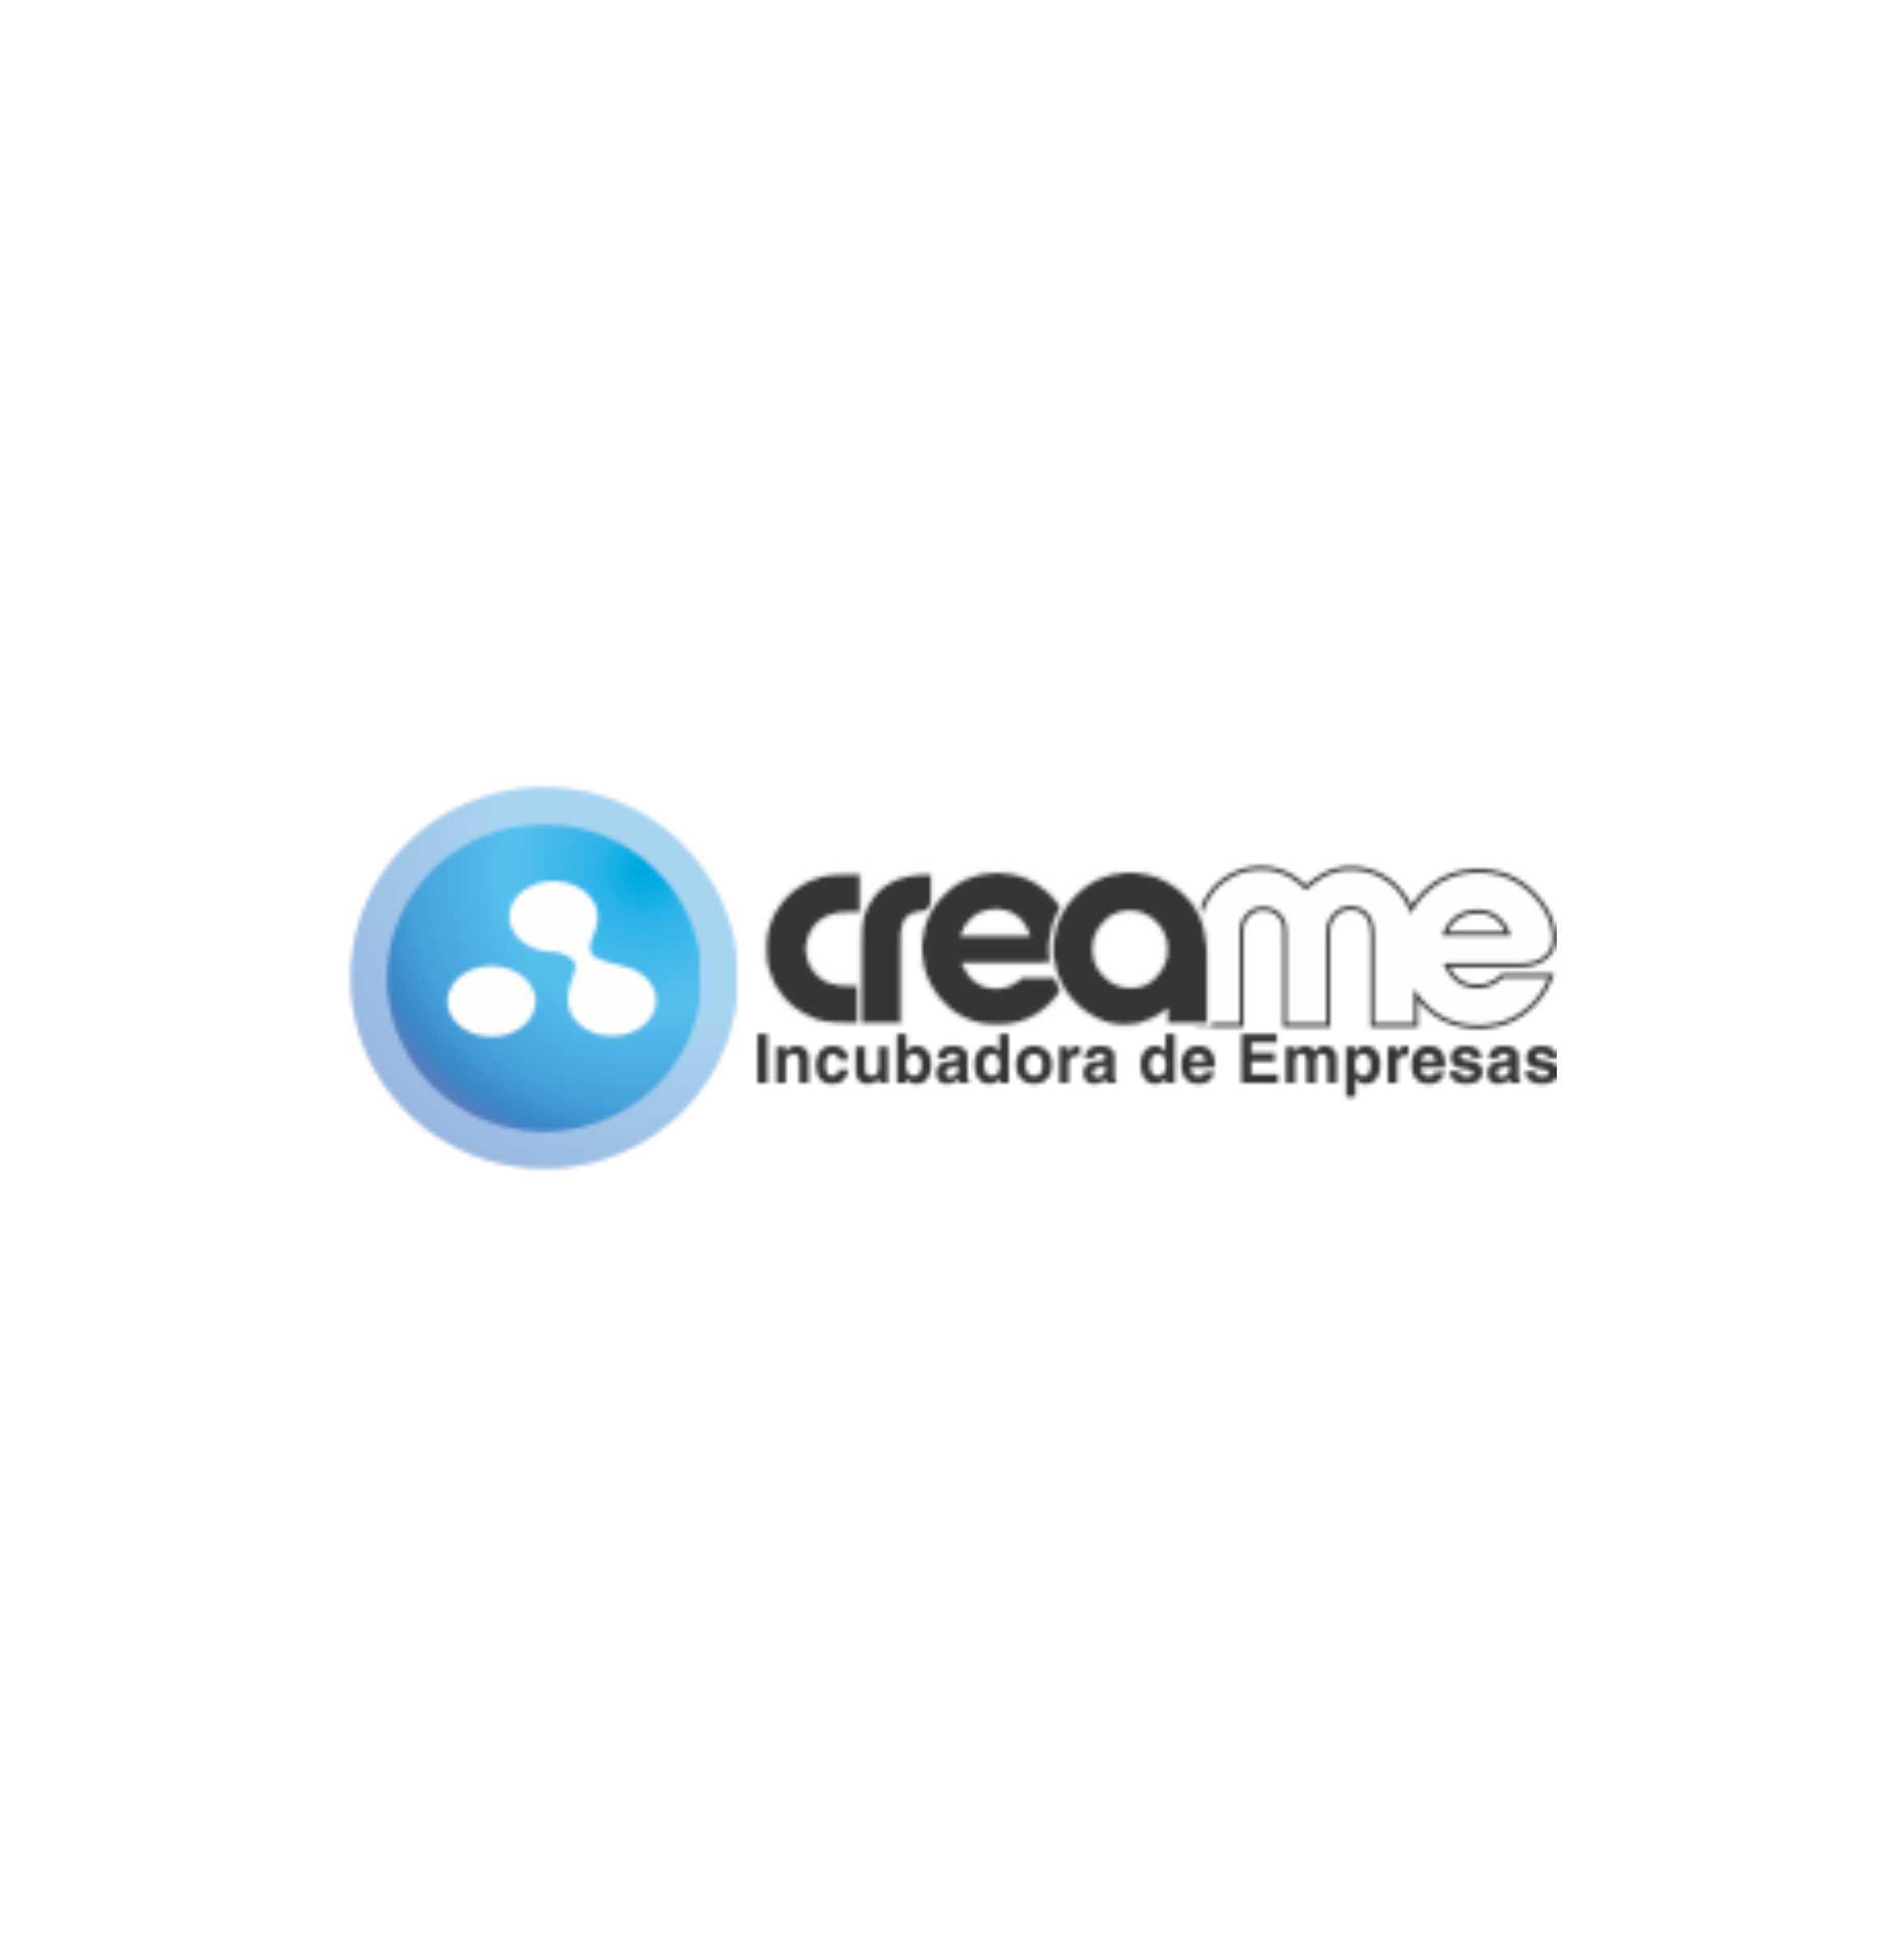 Creame